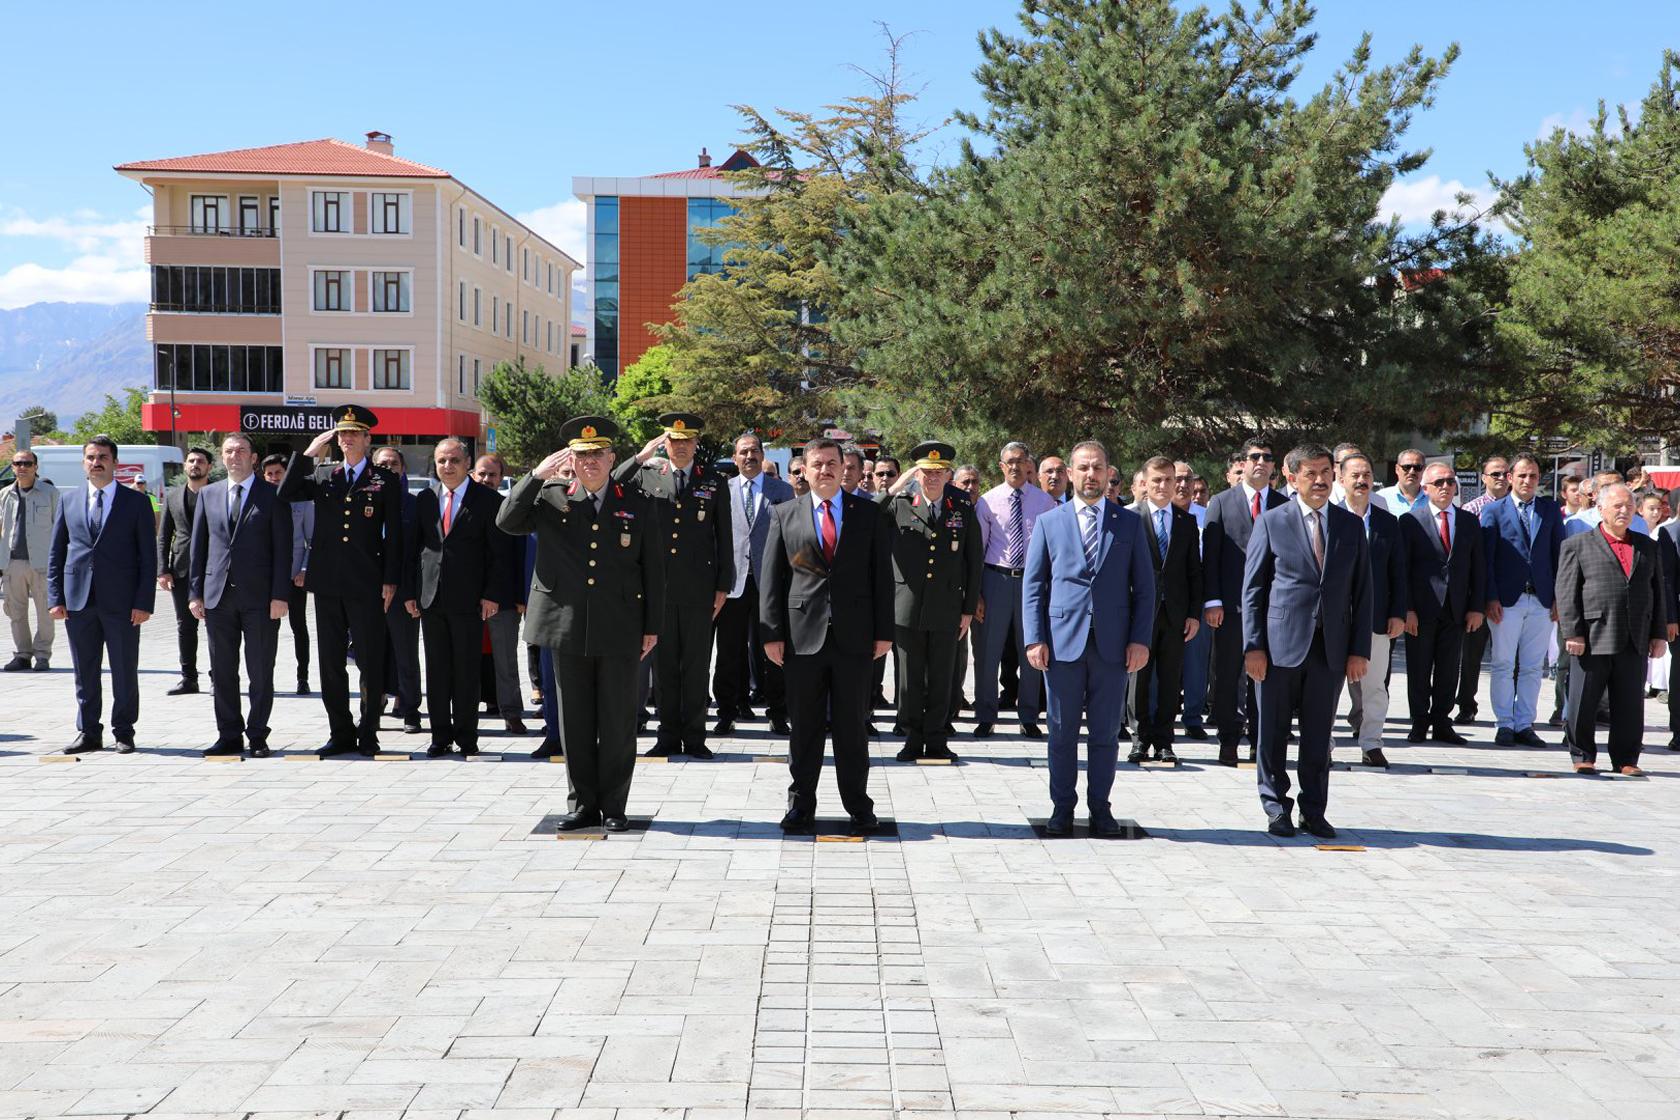 Ulu Önder Mustafa Kemal Atatürk'ün Erzincan'a Gelişinin 100. Yıl Dönümü Kutlandı